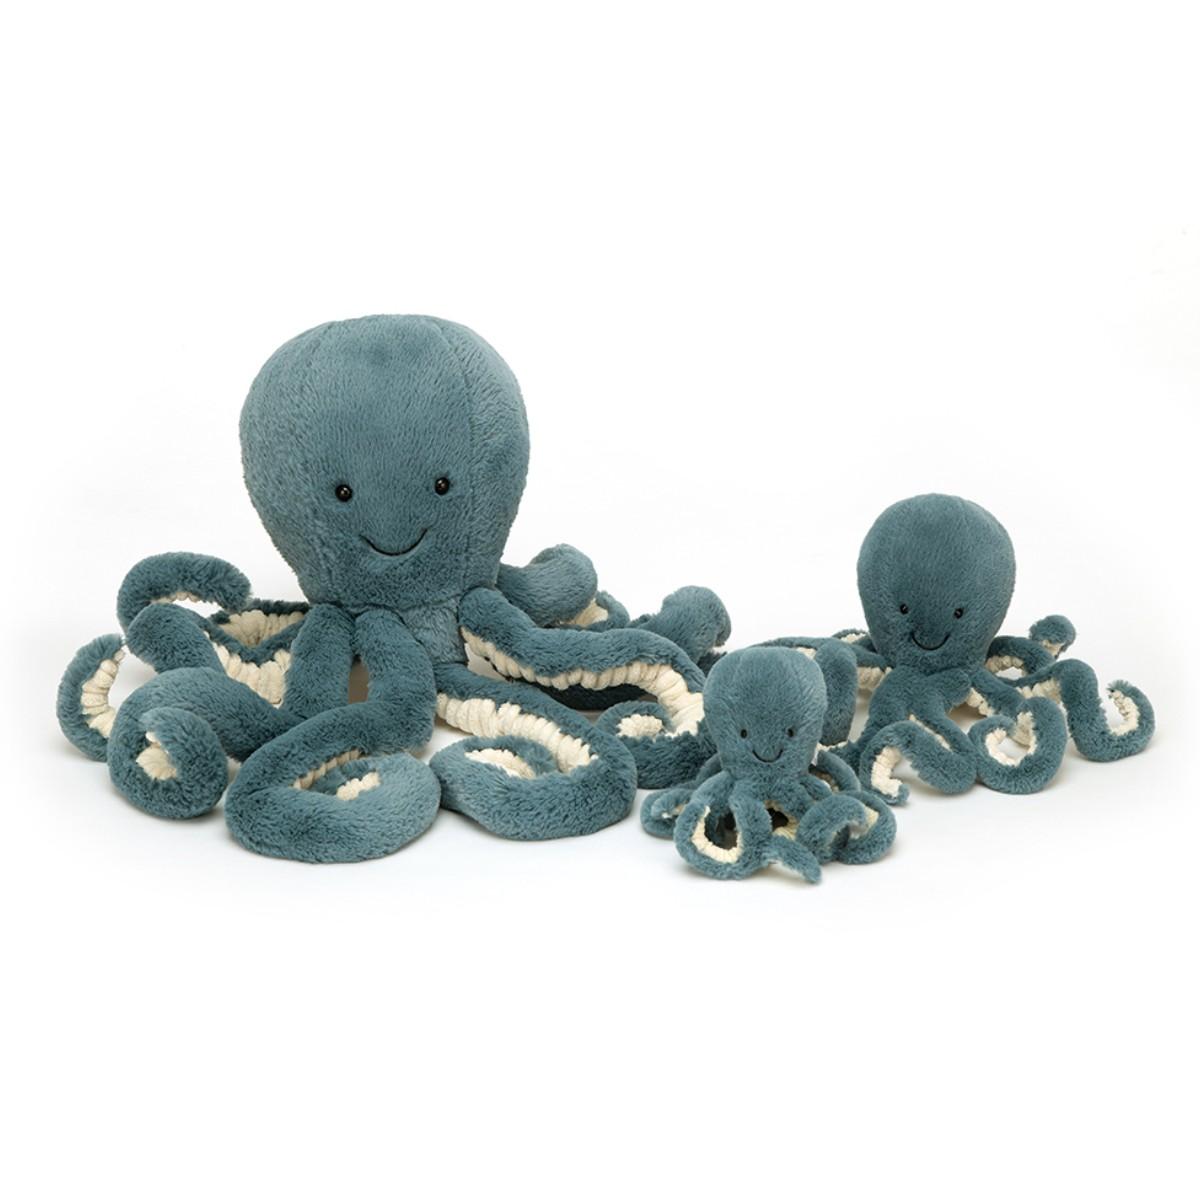 Jellycat, Storm blæksprutte lille, 23 cm